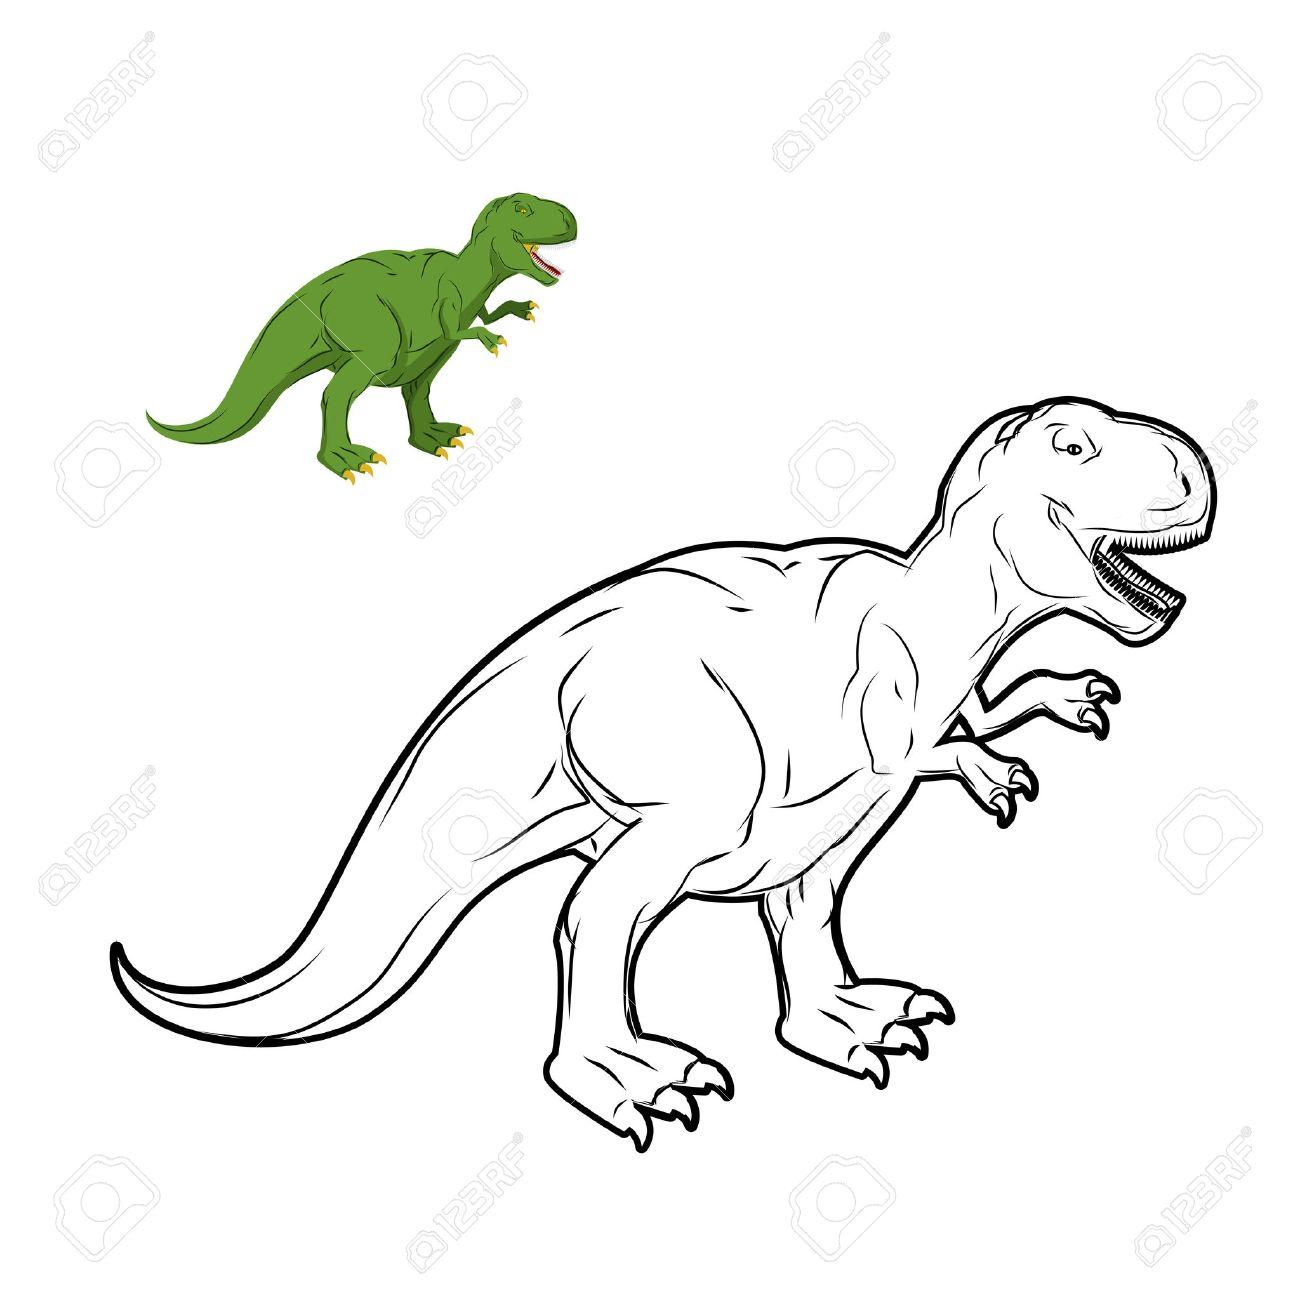 Tyrannosaurus Rex Libro Para Colorear Dinosaurio. Estilo Lineal De ...